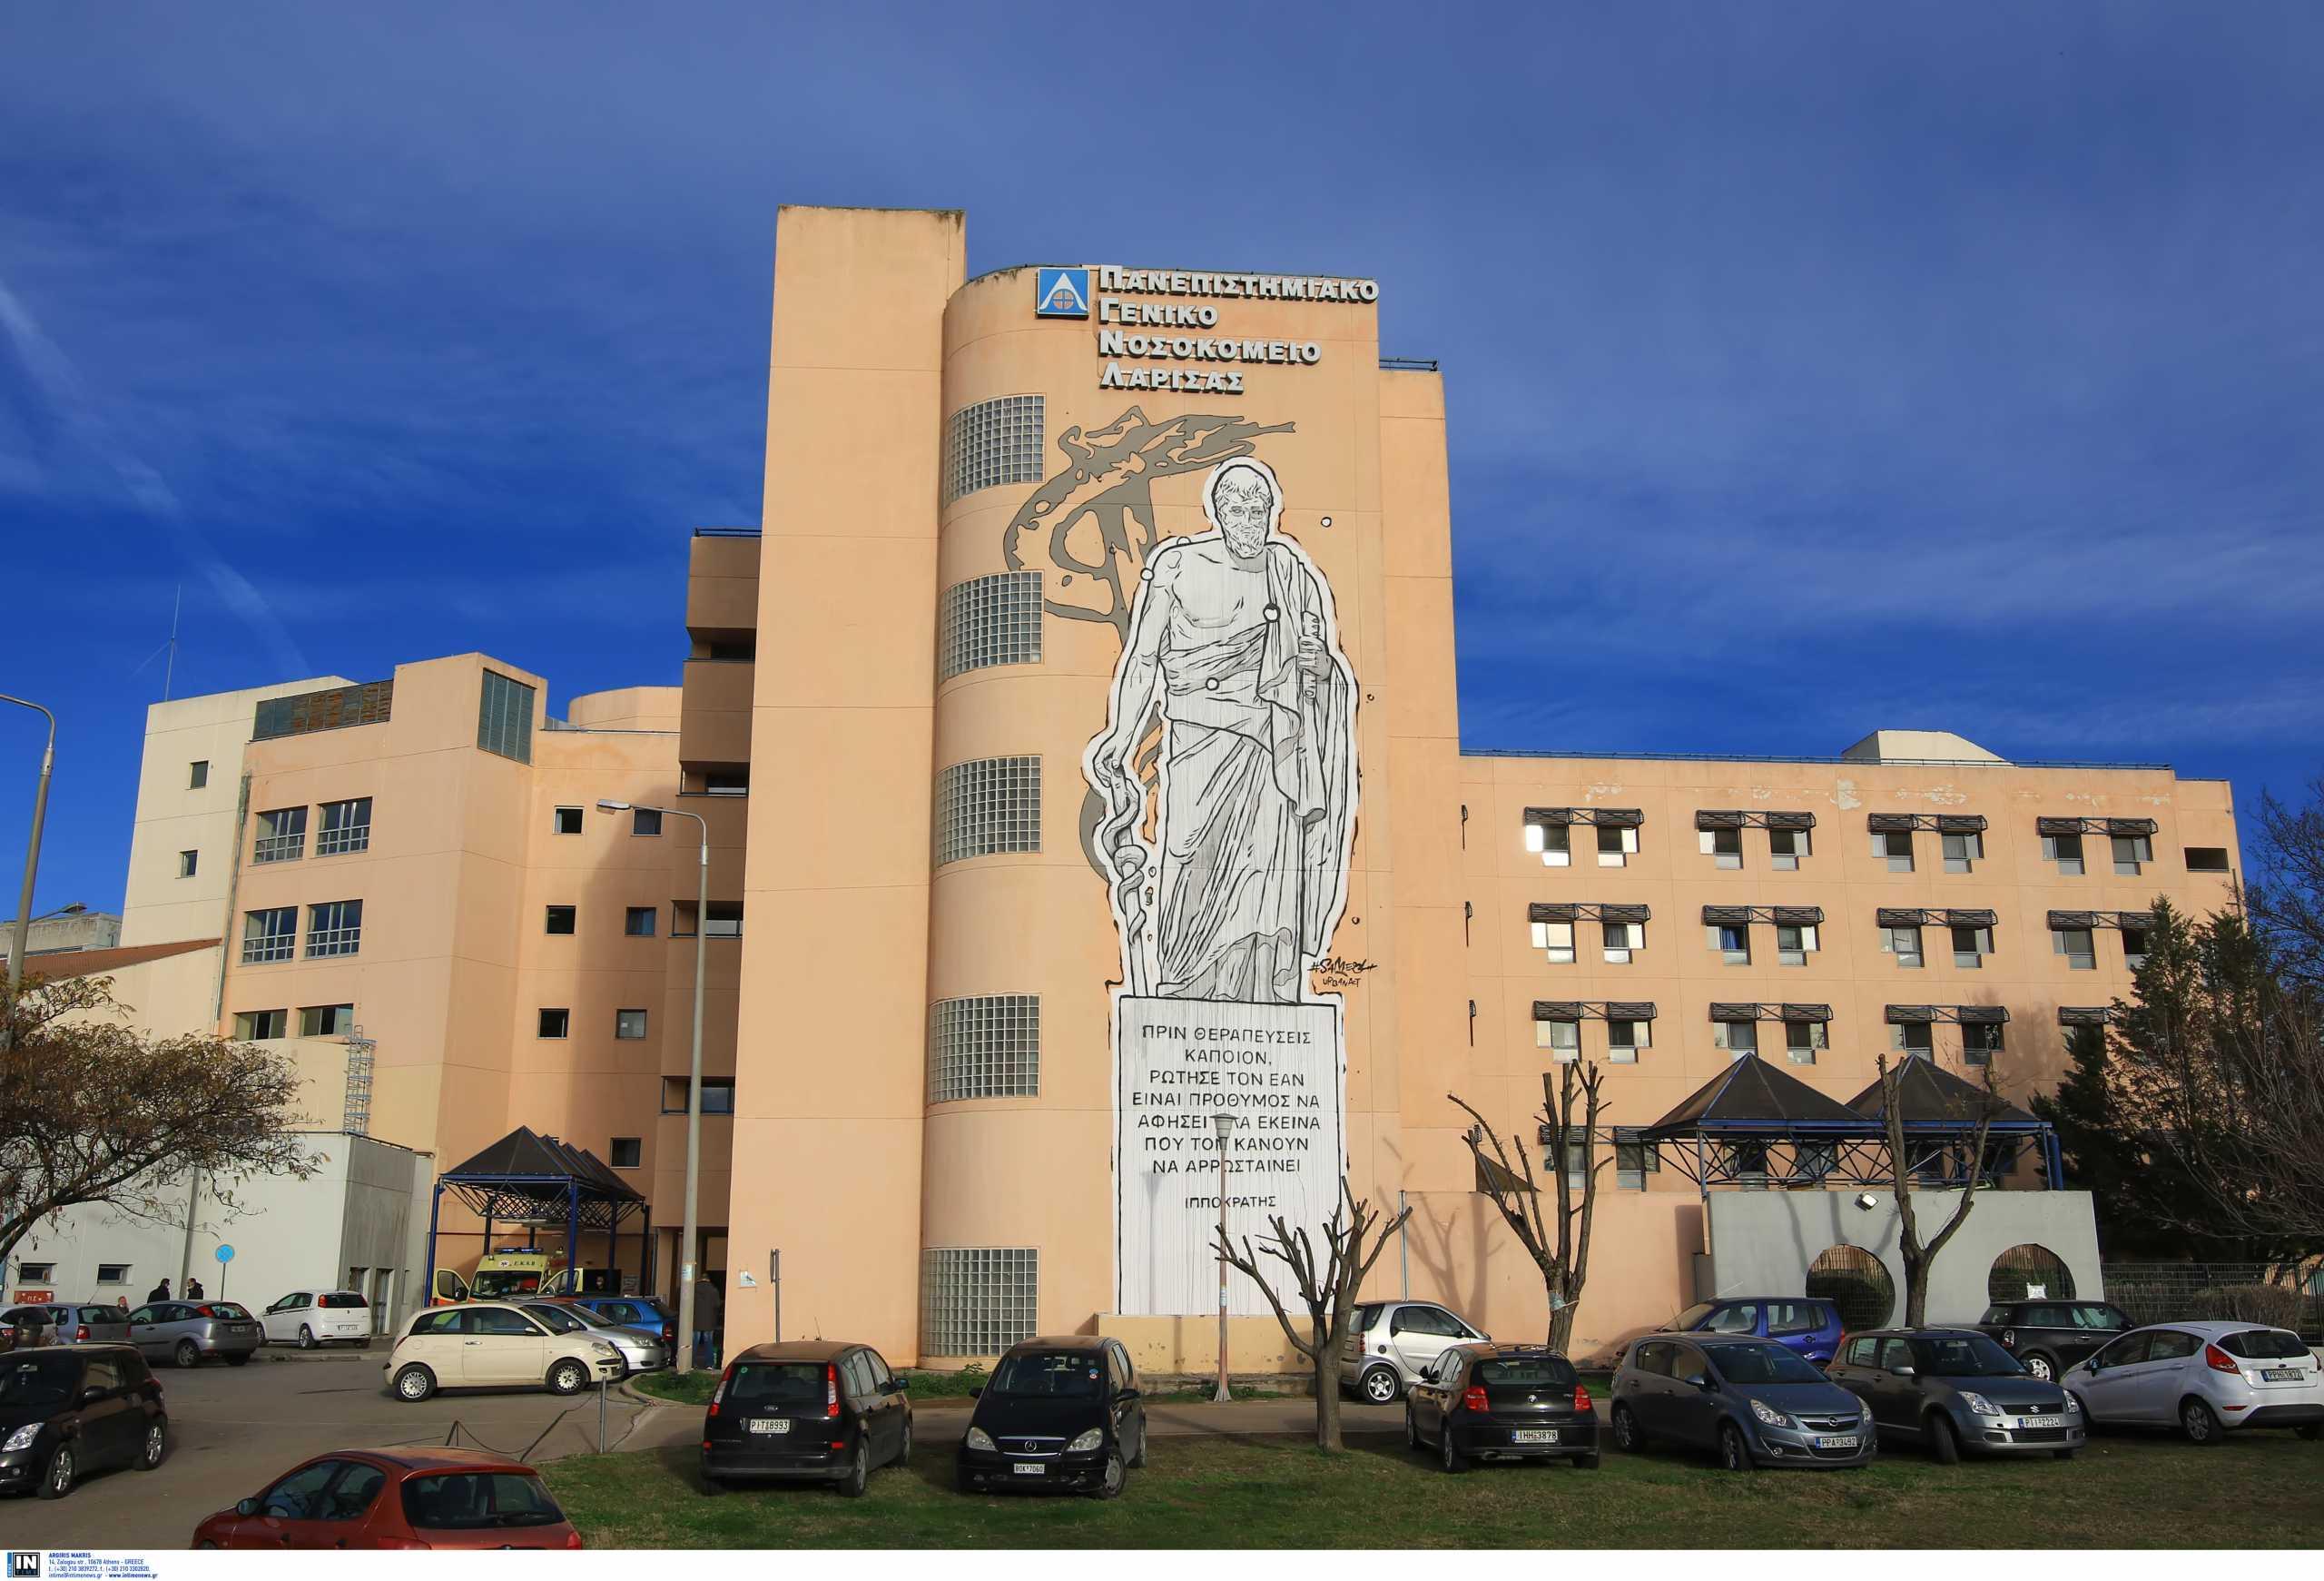 Κορονοϊός – Μίνα Γκάγκα: Τα πανεπιστημιακά νοσοκομεία θα συνεχίσουν να εξυπηρετούν ασθενείς με Covid 19